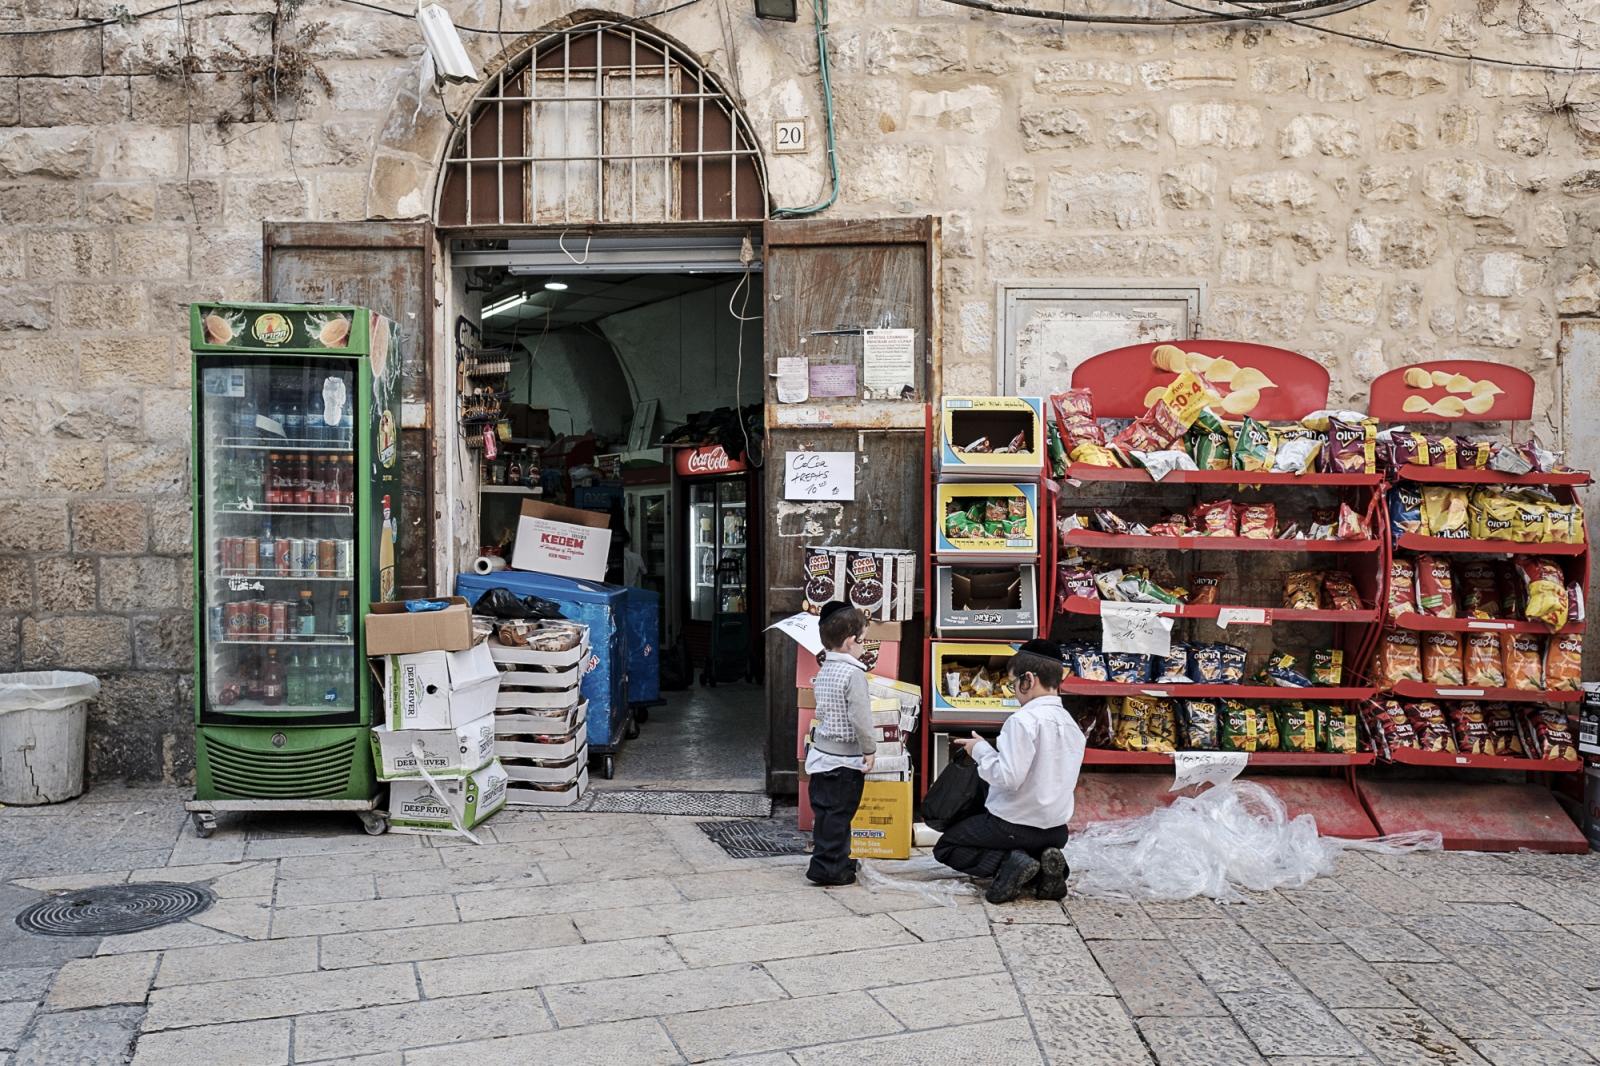 Market, Jewish Quarter